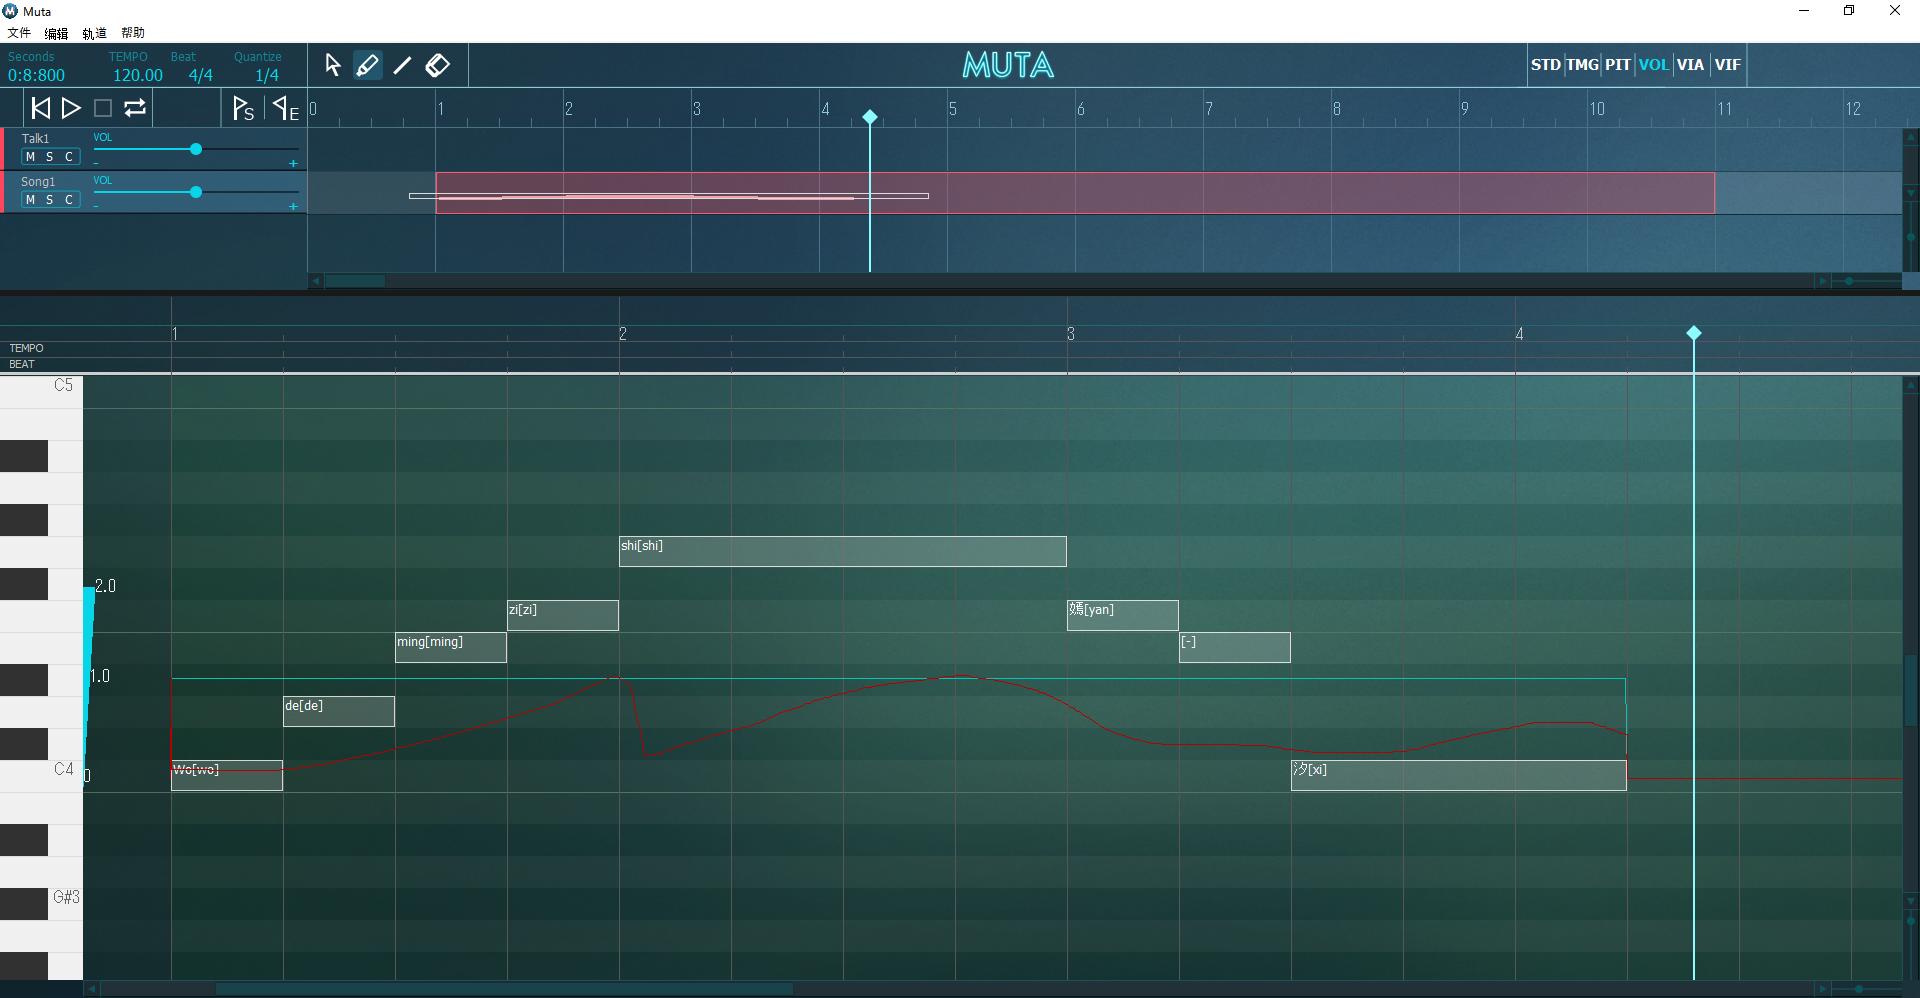 MUTA_SONG_VOL.png